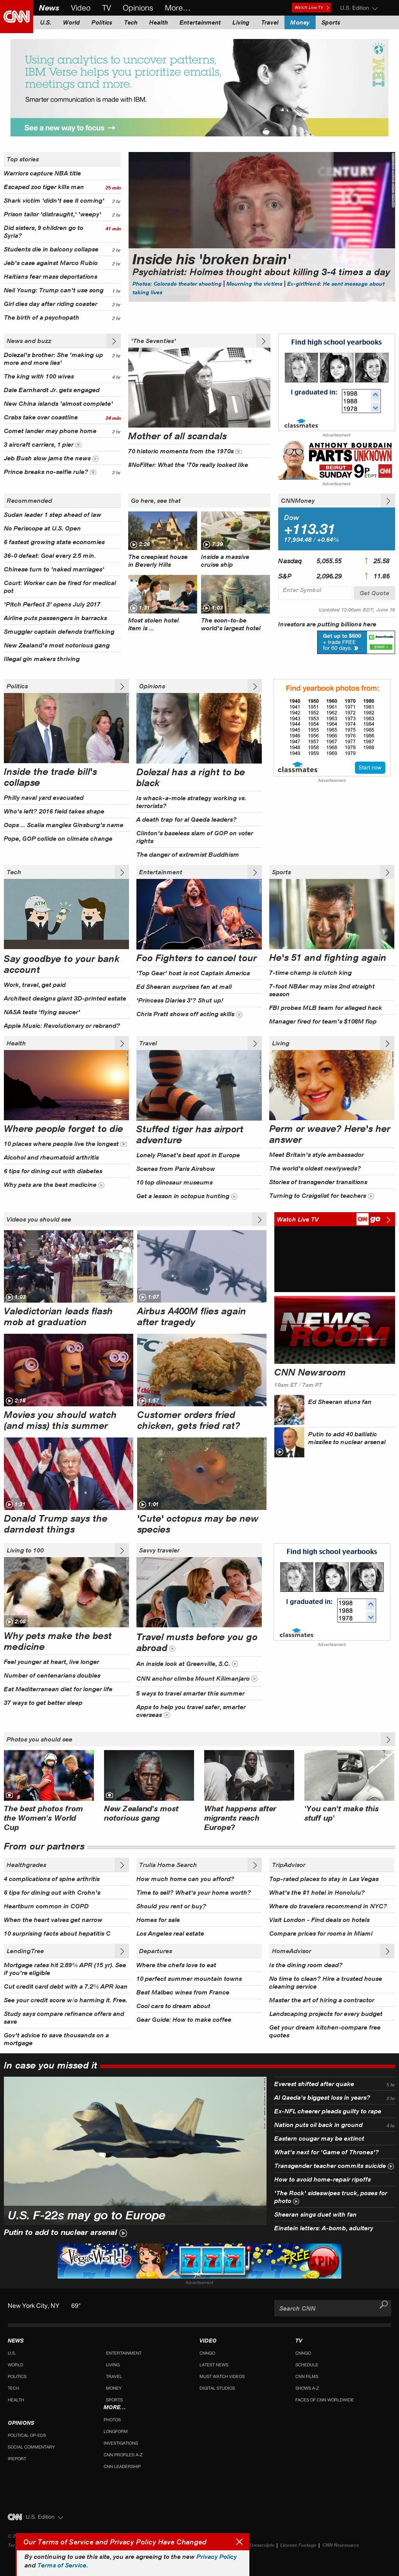 CNN at Wednesday June 17, 2015, 2:03 p.m. UTC